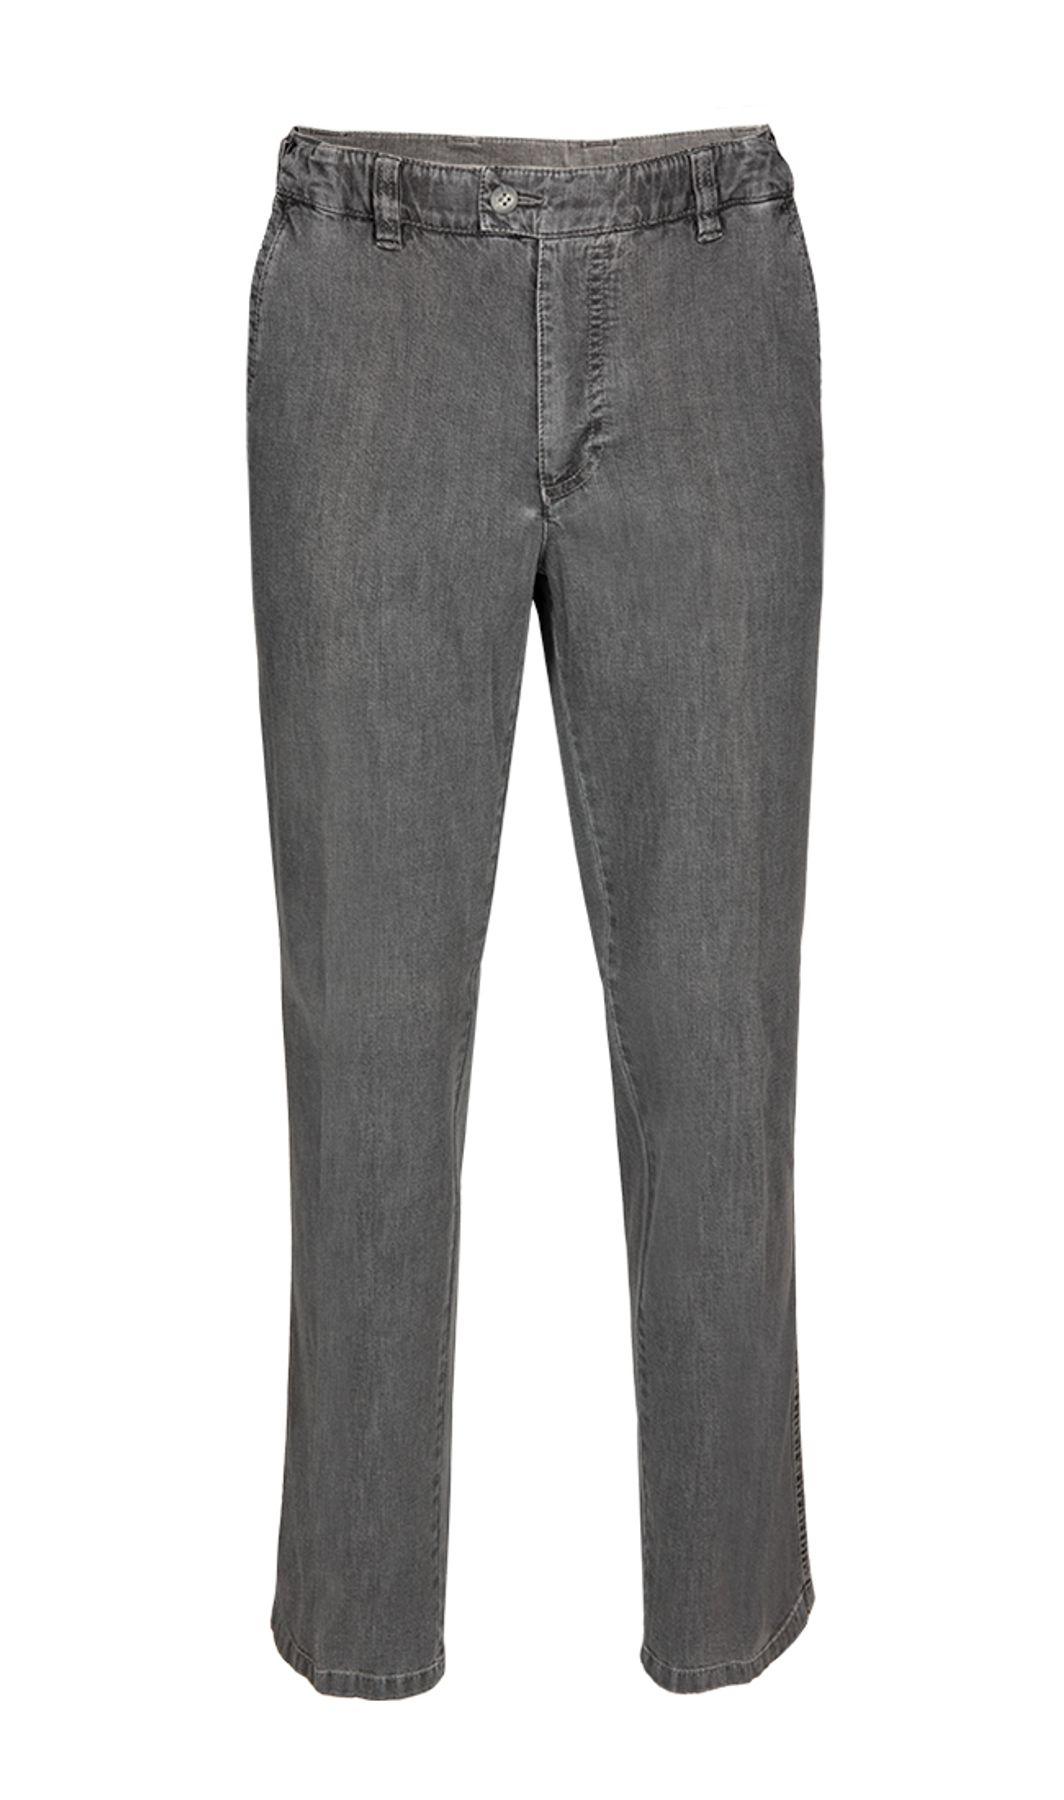 Brühl - Comfort Fit - Herren Flatfront Hose mit Spezialbund, Pavia Tr (0021003163100) – Bild 1